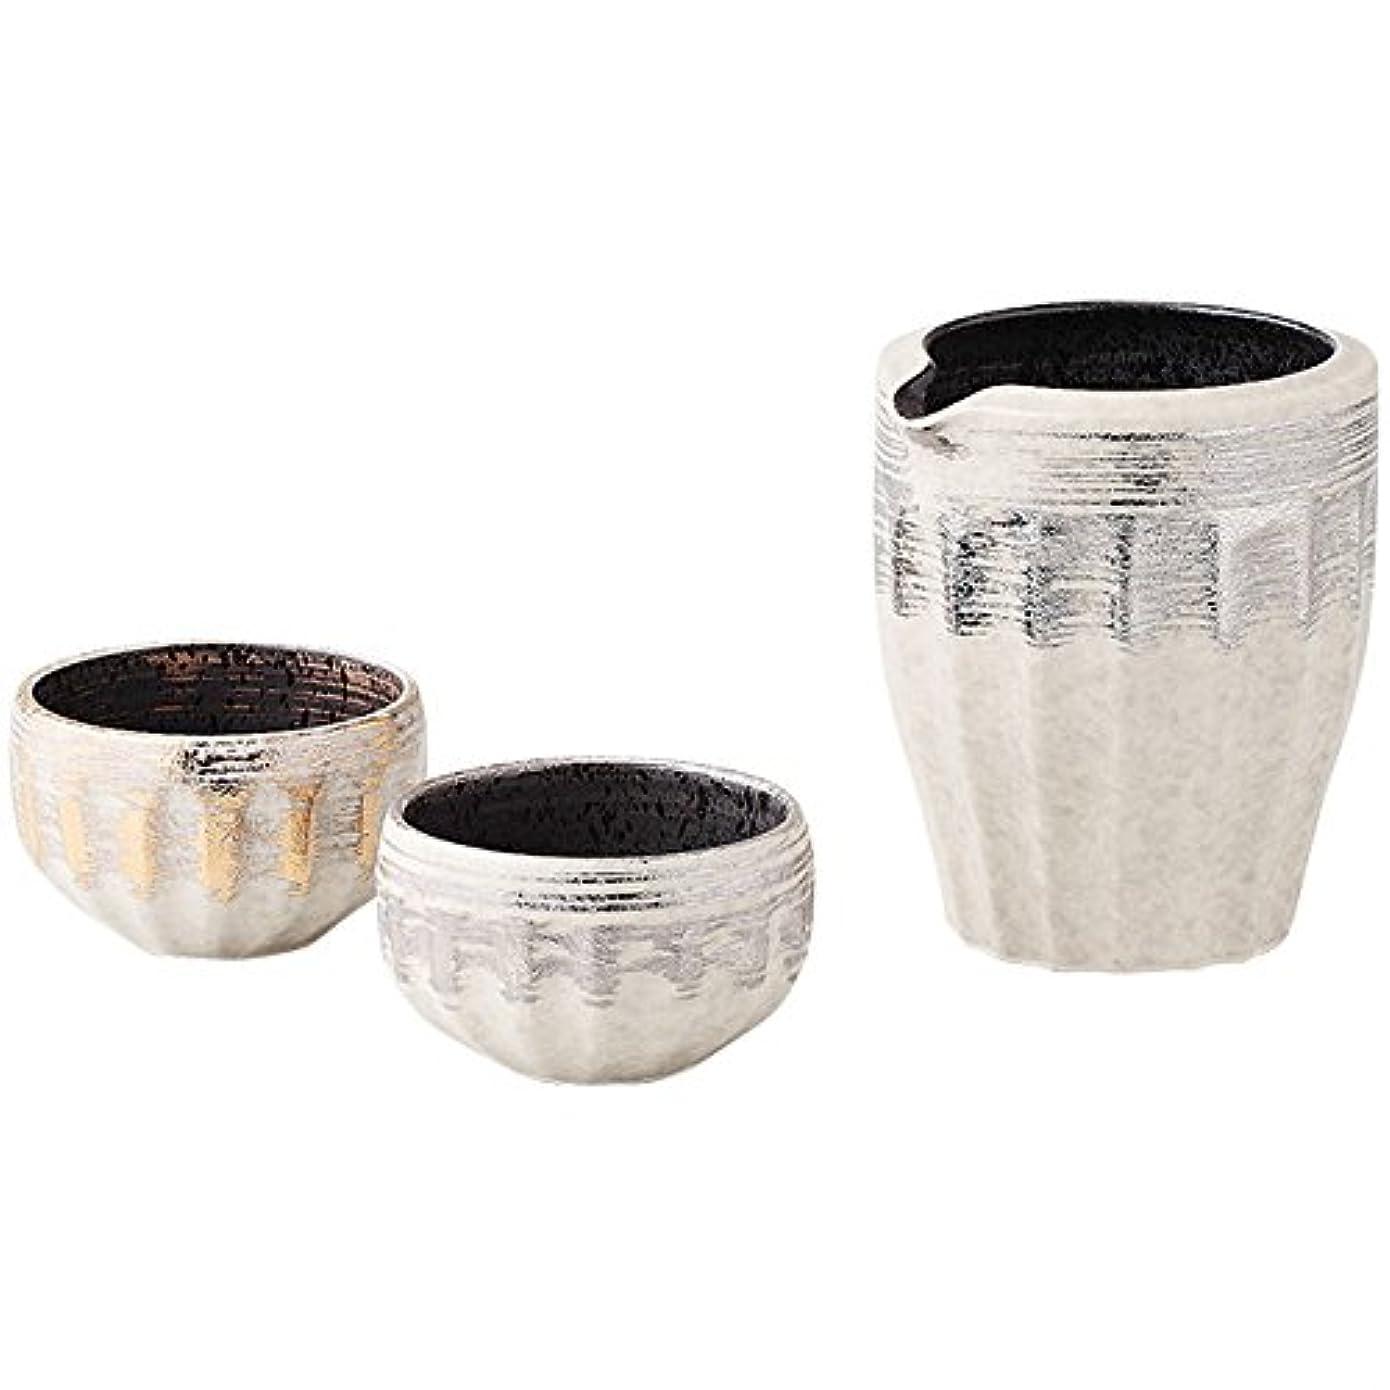 アプローチモードリンぼかす釉変り 焼酎セット(氷入 1個、長皿 1枚、カップ 2個、トング 1個、コースター 2枚) AM-MB28415